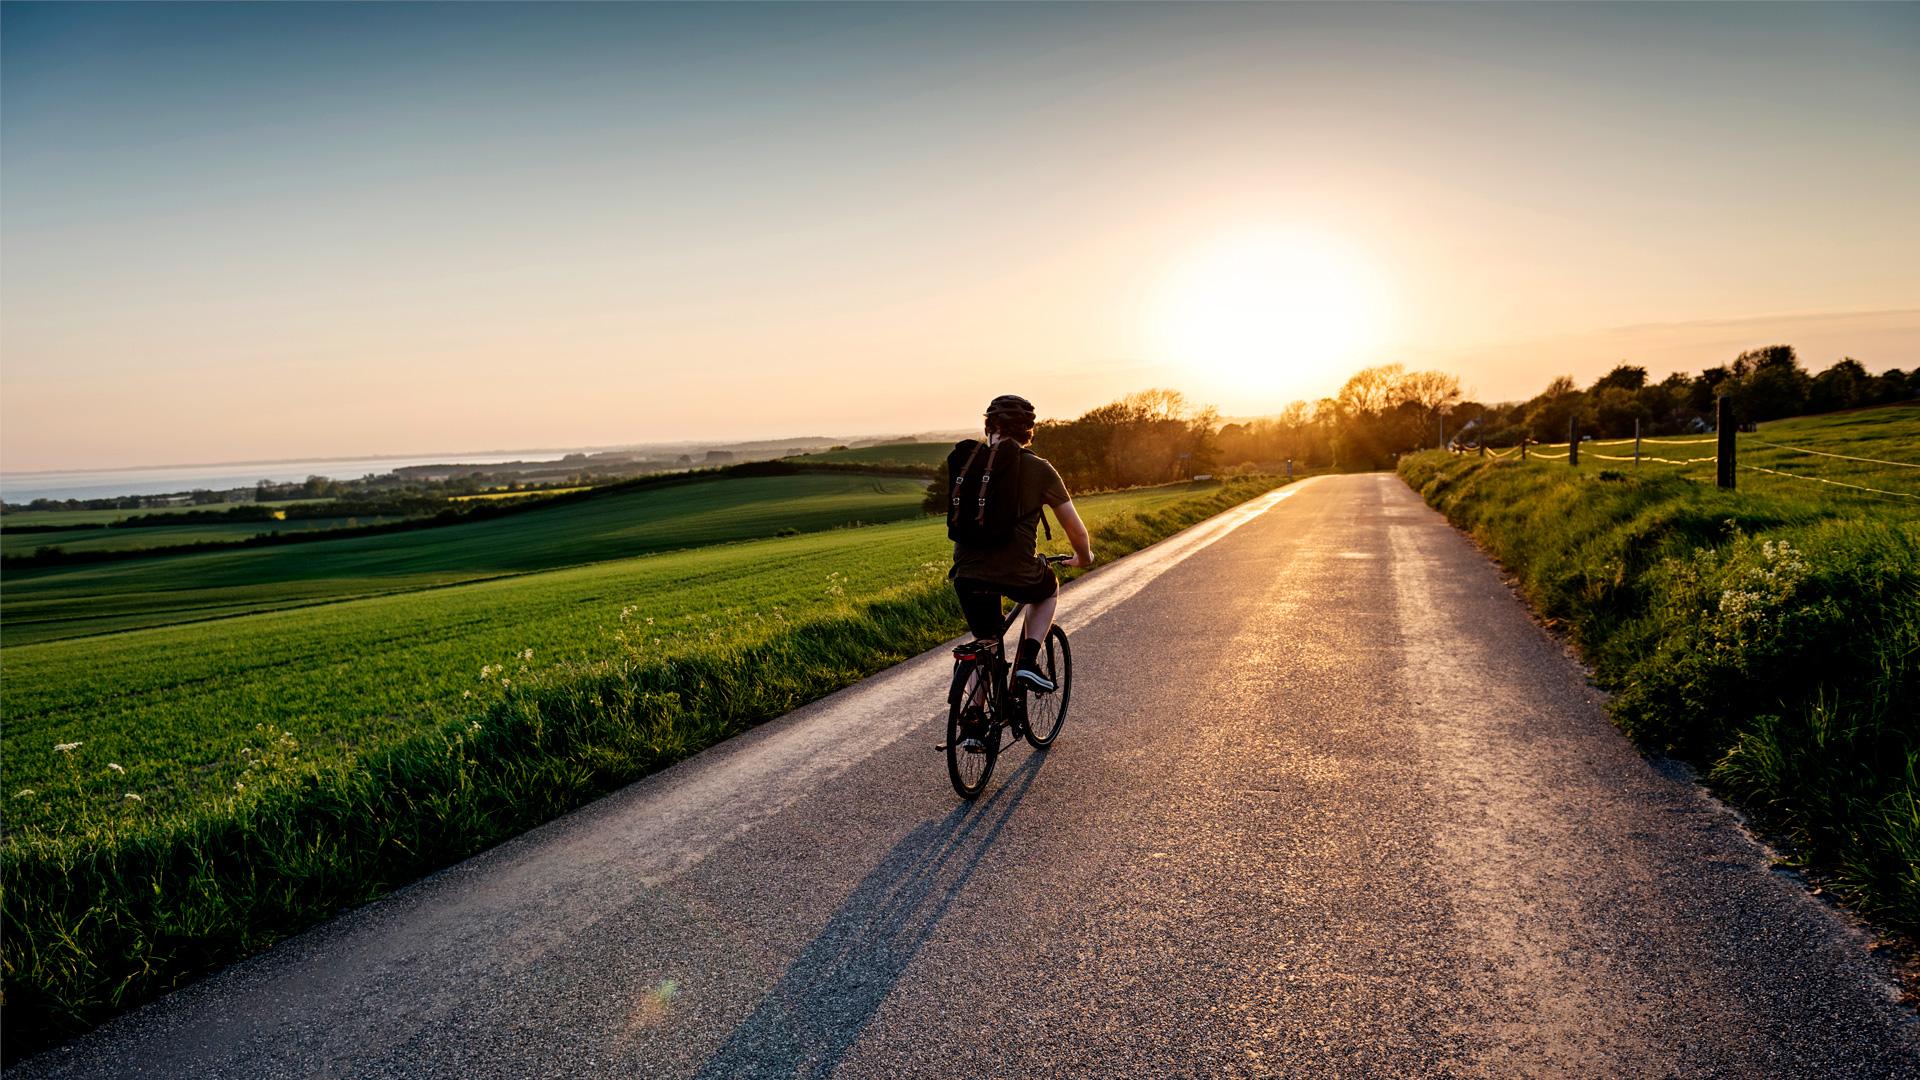 Polkupyöräilijä auringonlaskussa hiekkatiellä